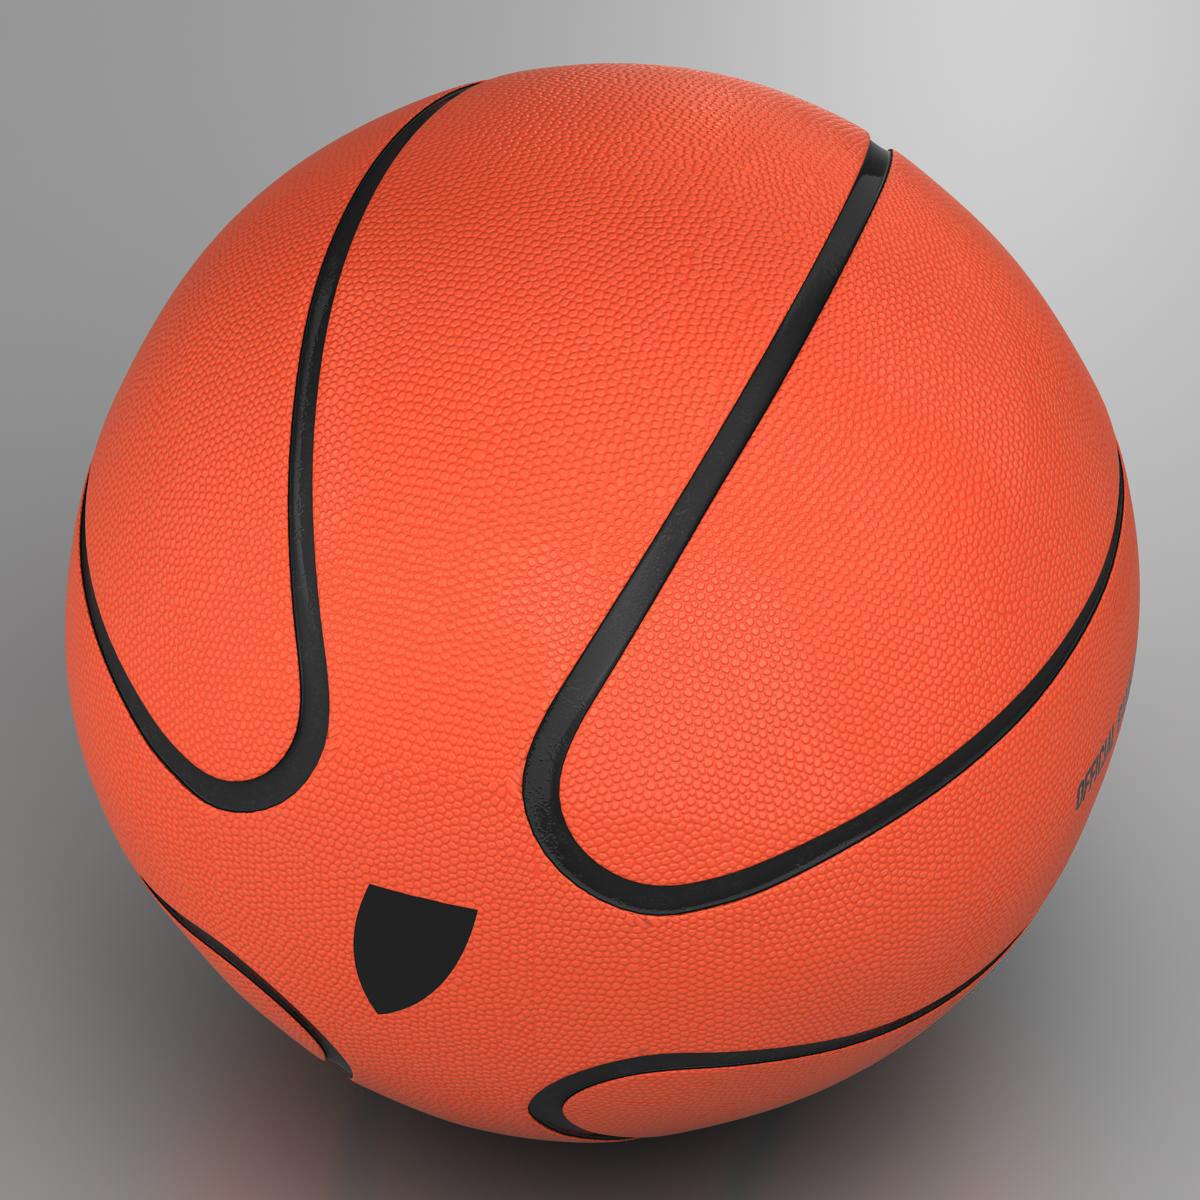 košarkaška lopta zvijezda narančasta 3d model 3ds max fbx c4d ma mb obj 165717